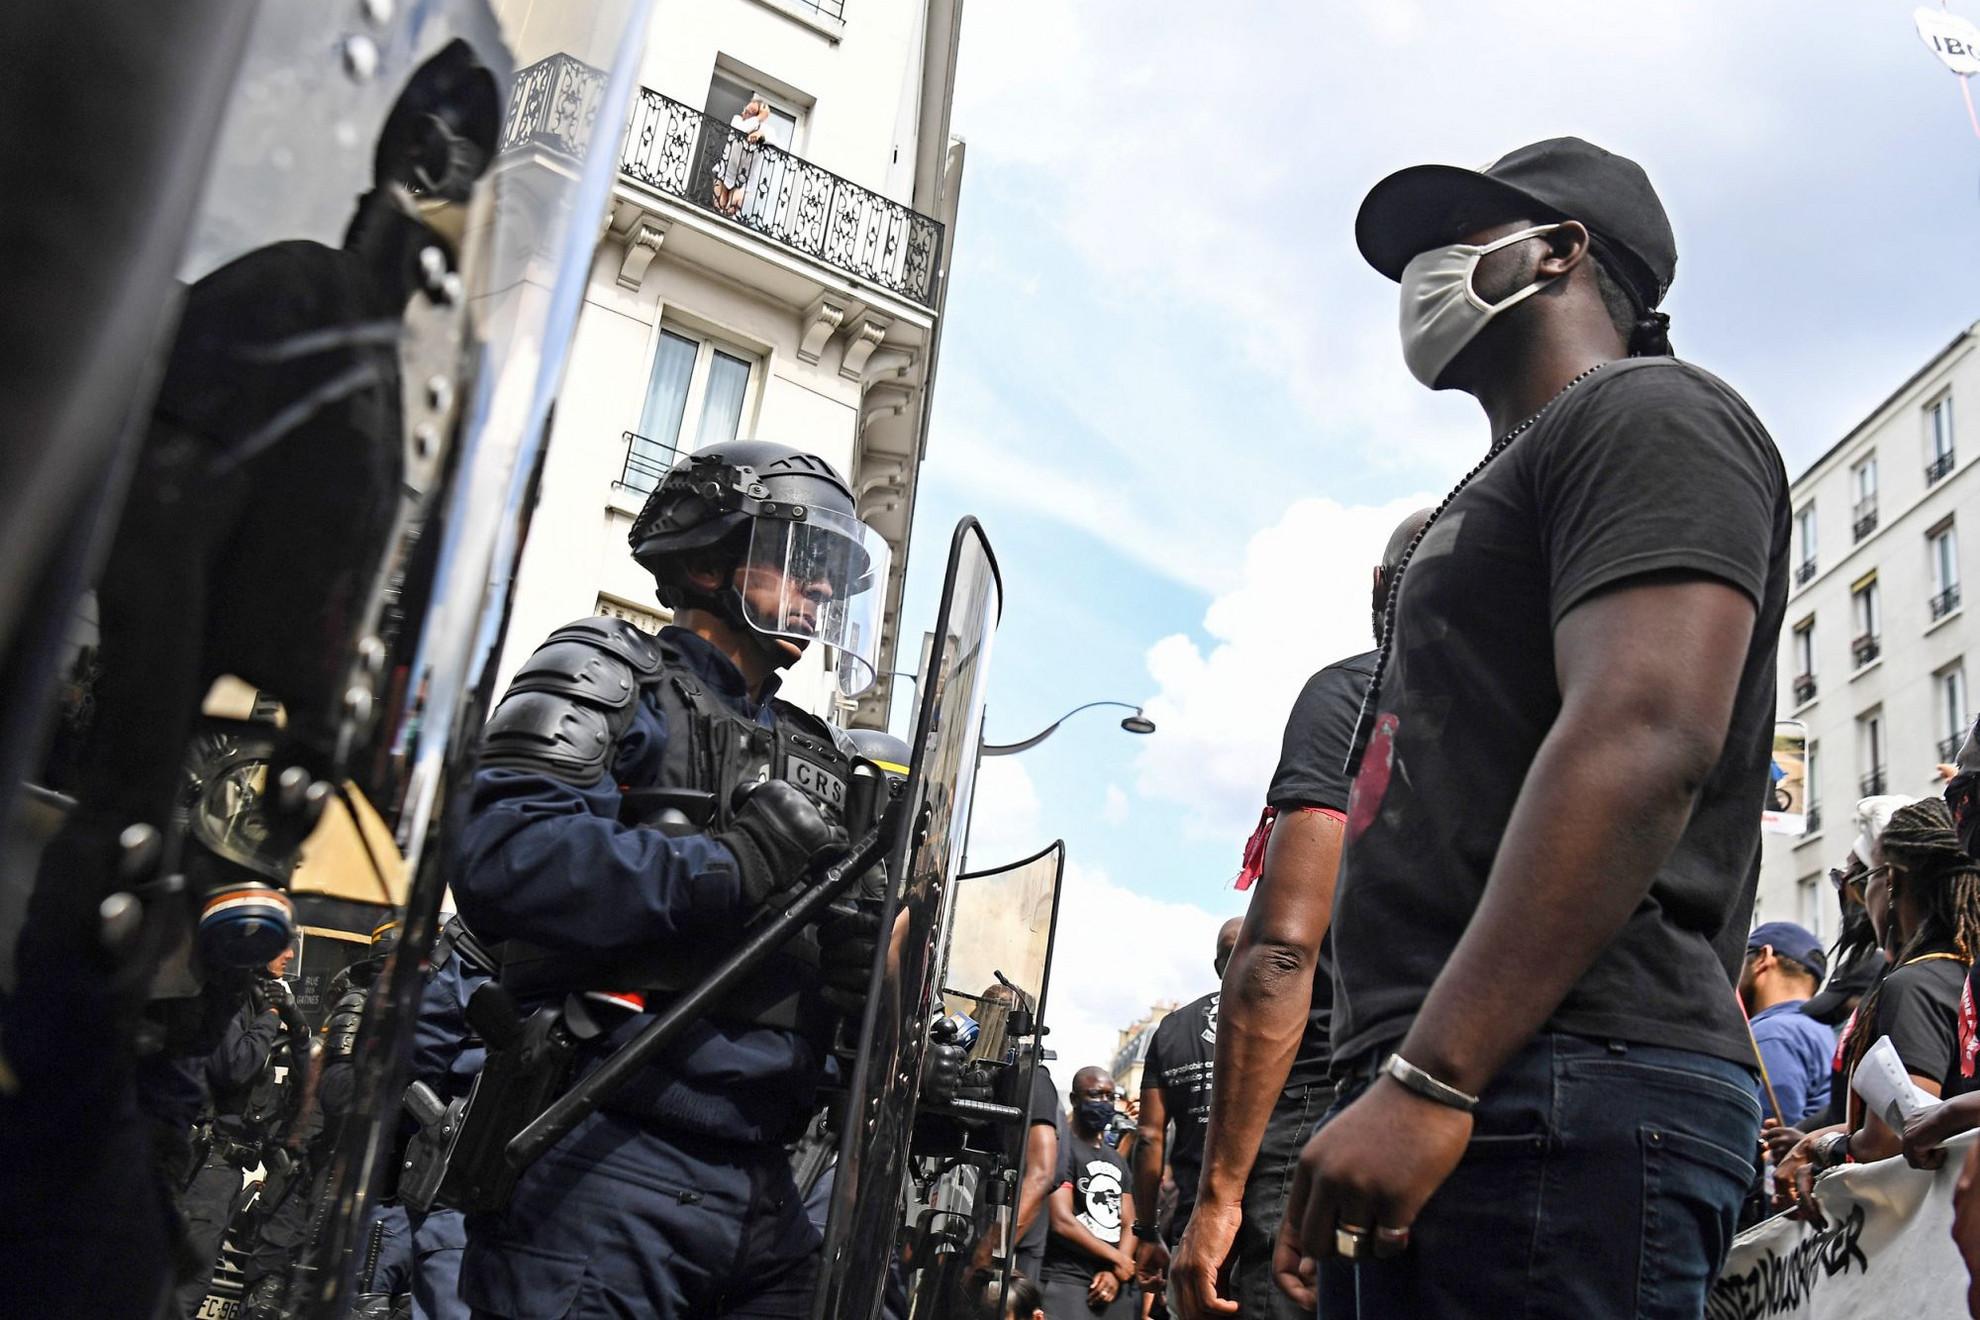 Egy férfi néz farkasszemet a sorfallal a rendőri brutalitás és rasszizmus elleni tüntetésen szombaton